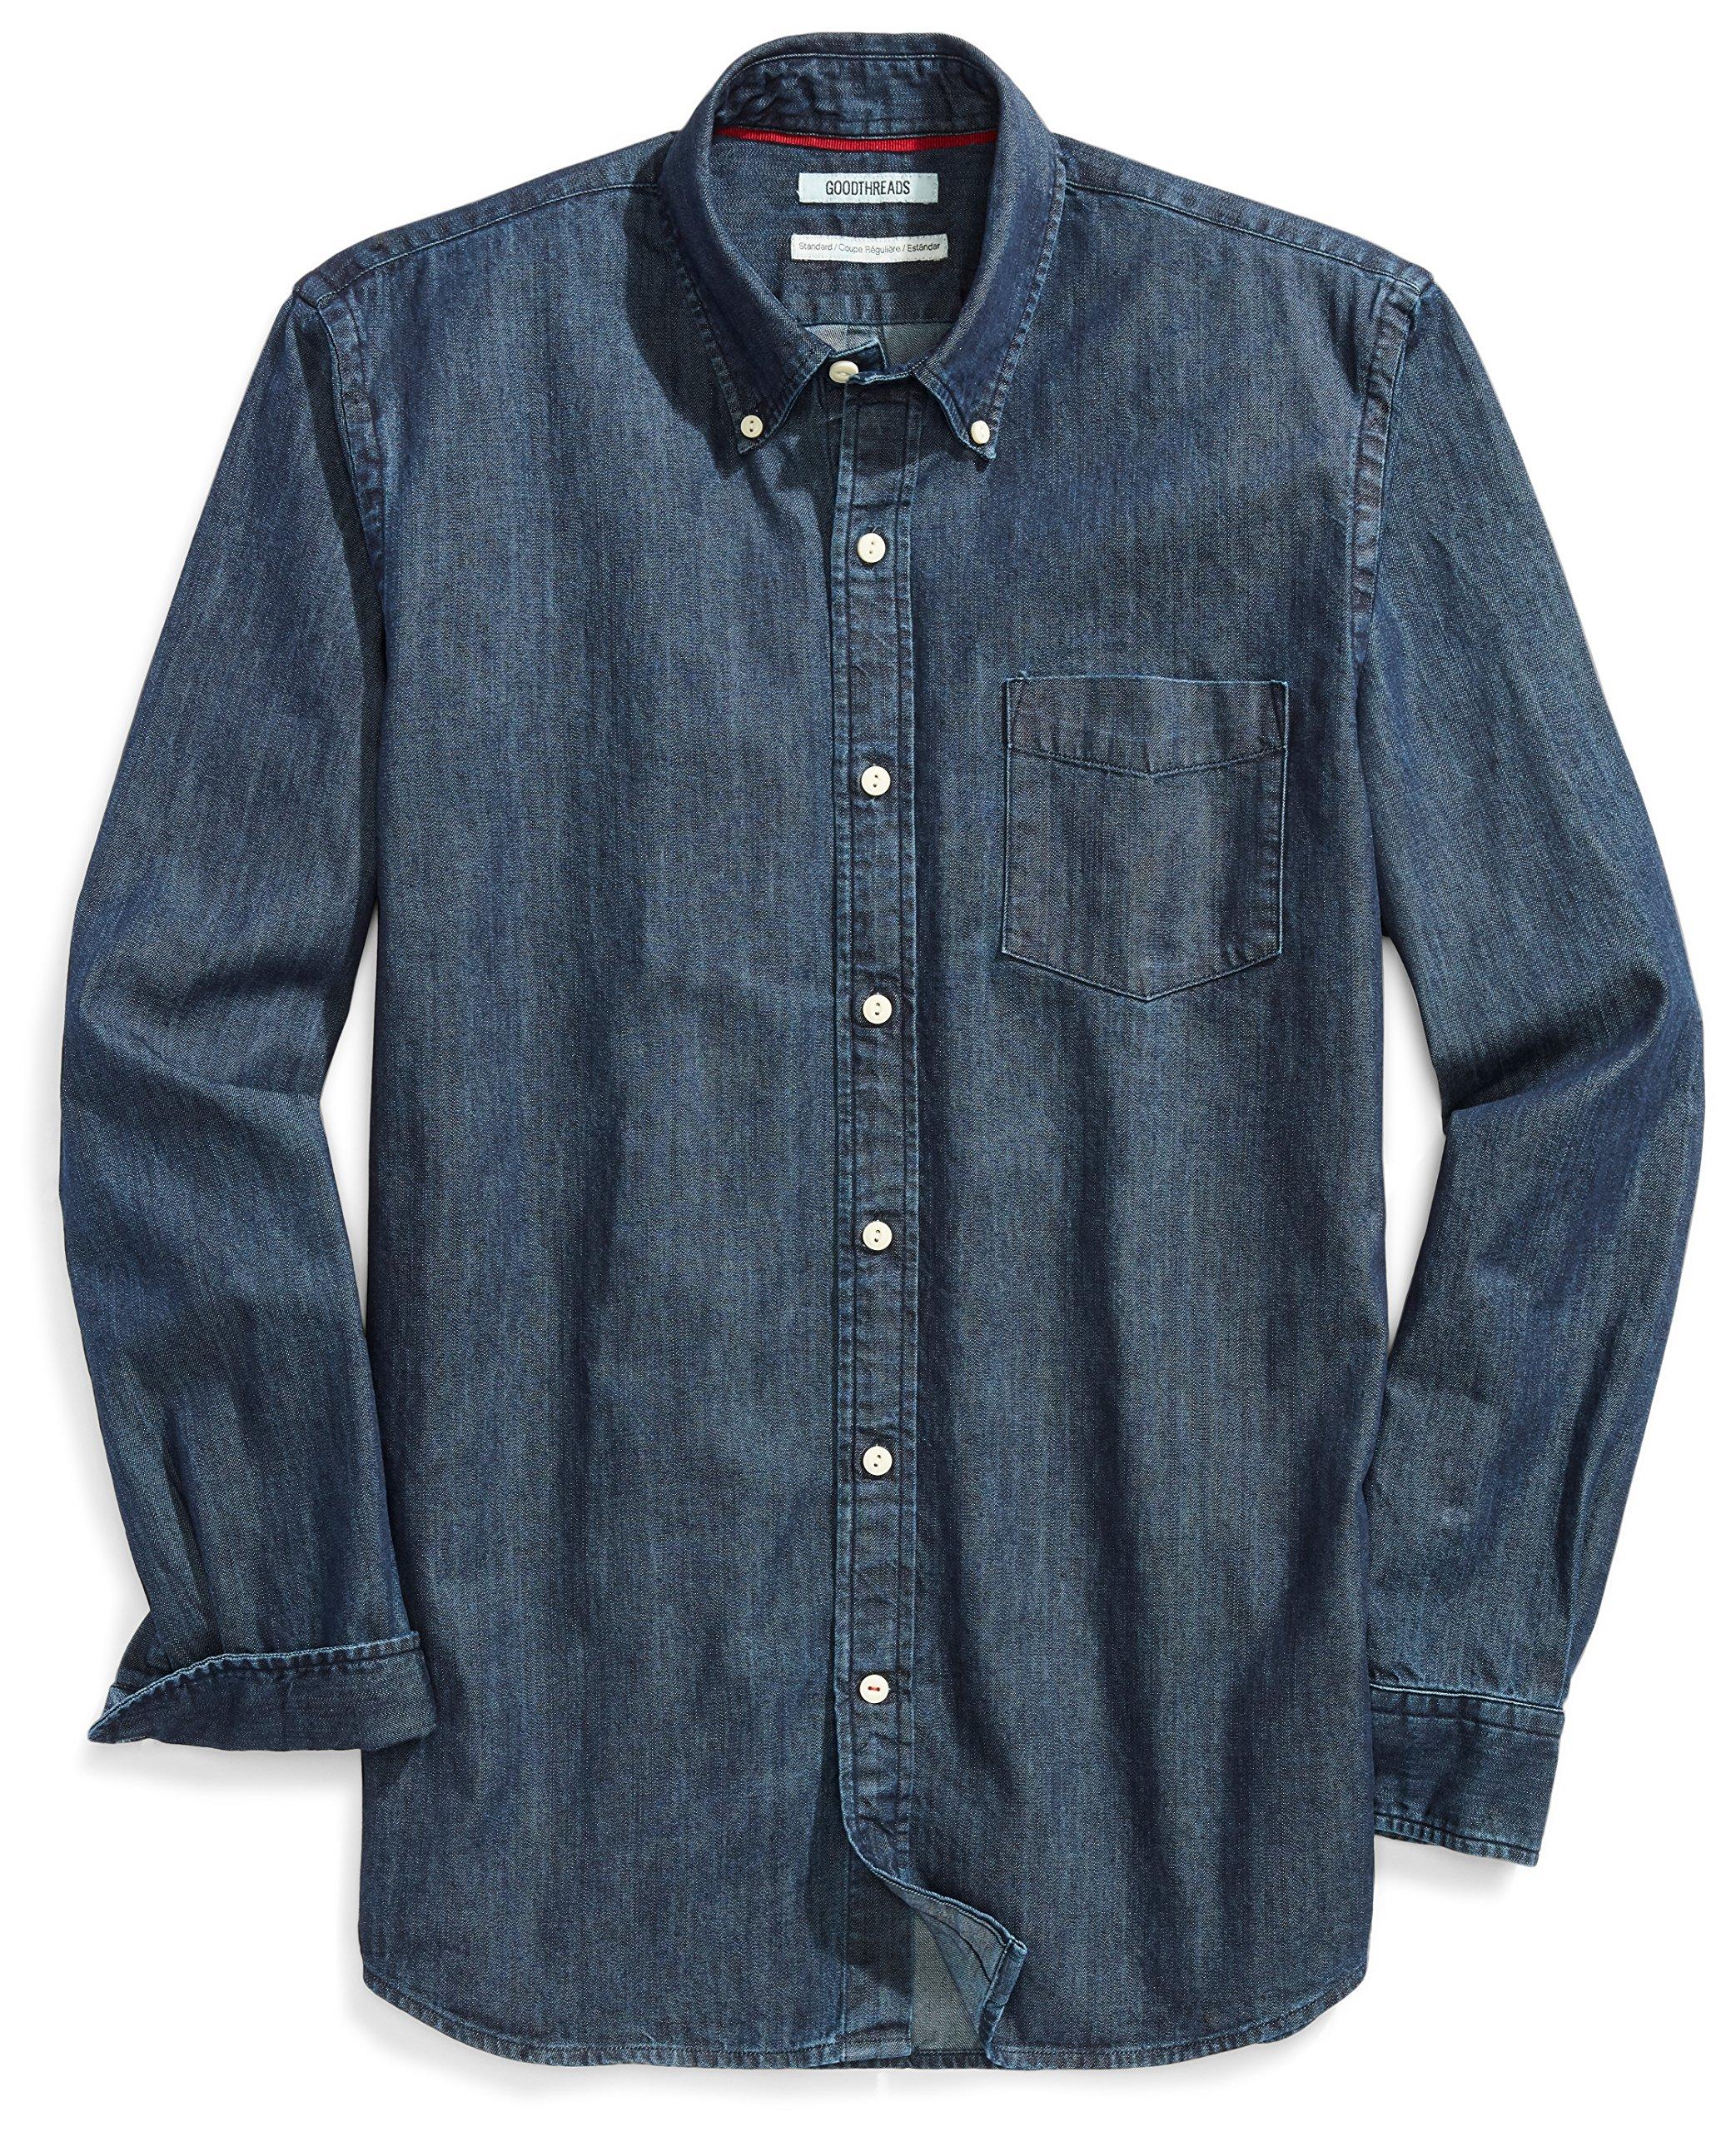 Goodthreads Men's Standard-Fit Long-Sleeve Denim Shirt, Dark Blue, Large